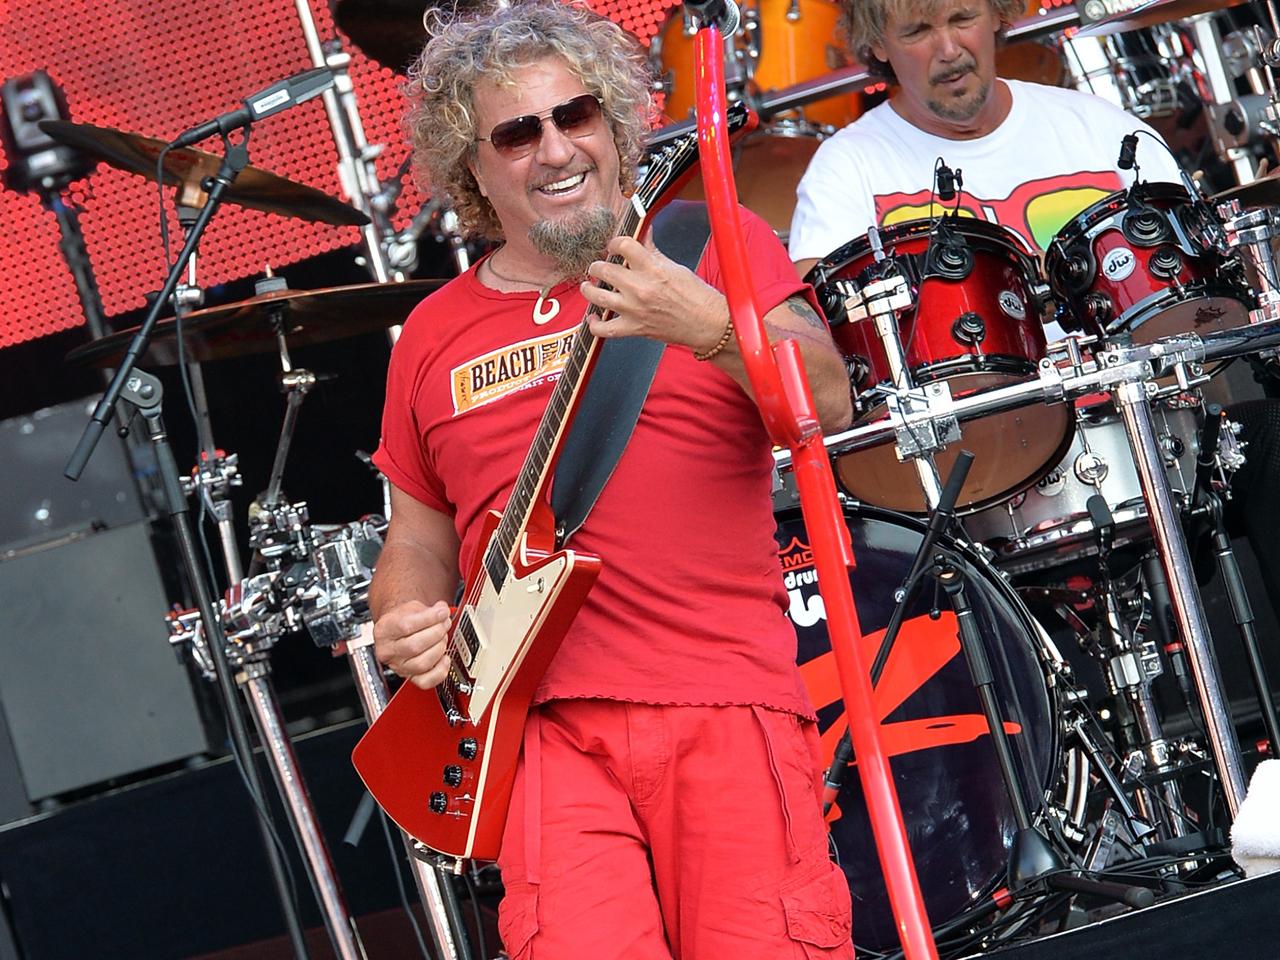 Sammy Hagar On New Album And His Days With Van Halen Cbs News